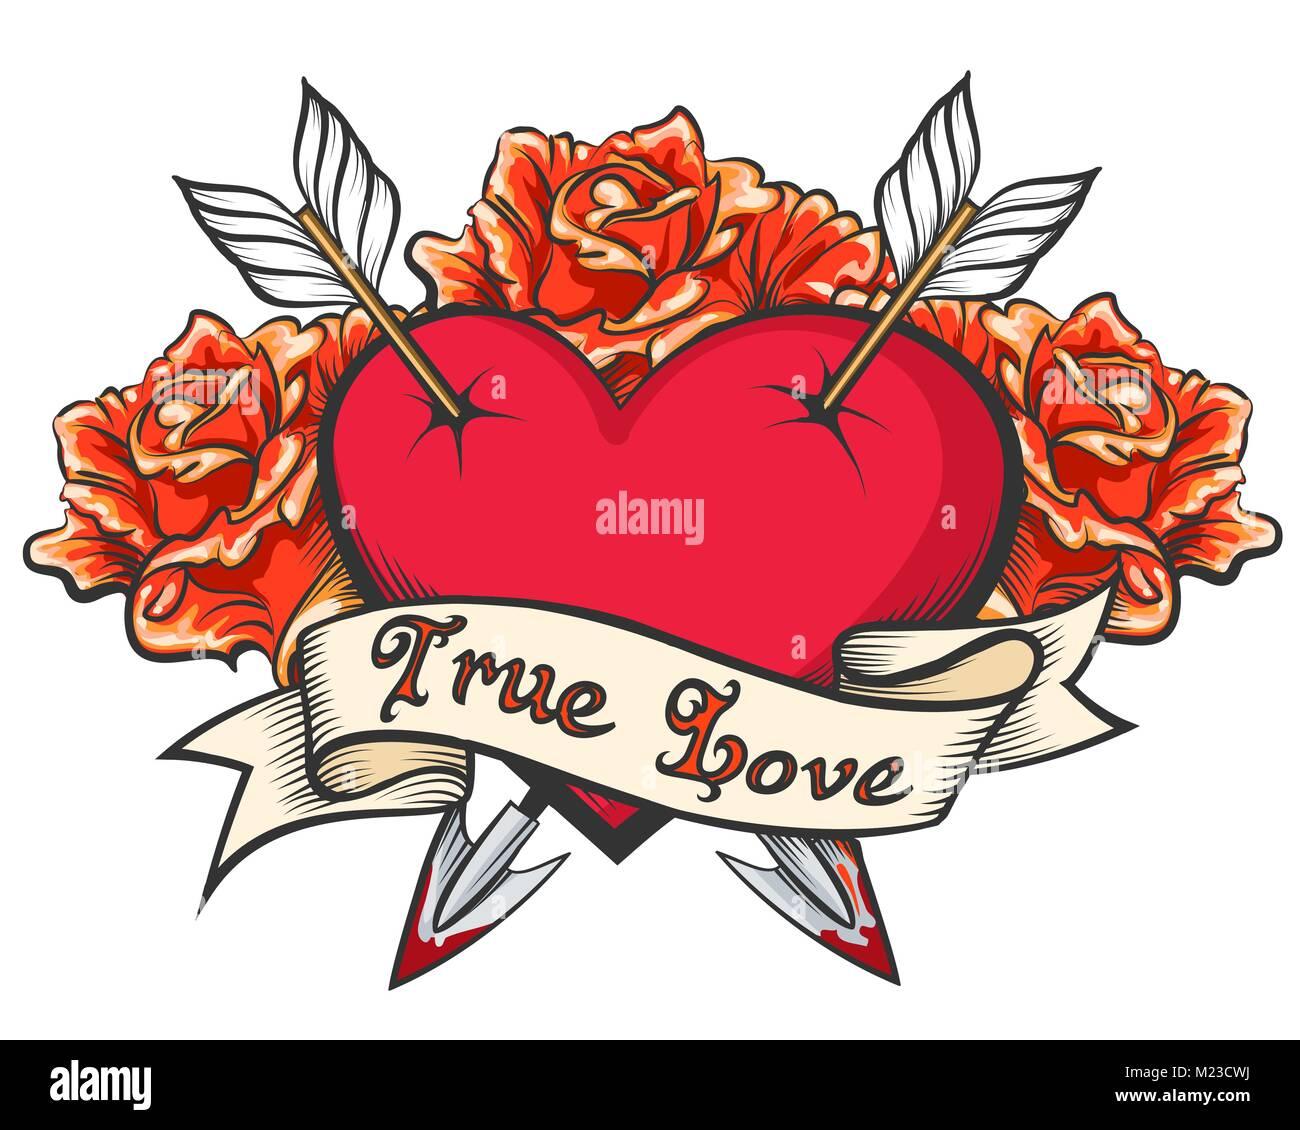 Heart With Arrow Tattoo Stock Photos Amp Heart With Arrow